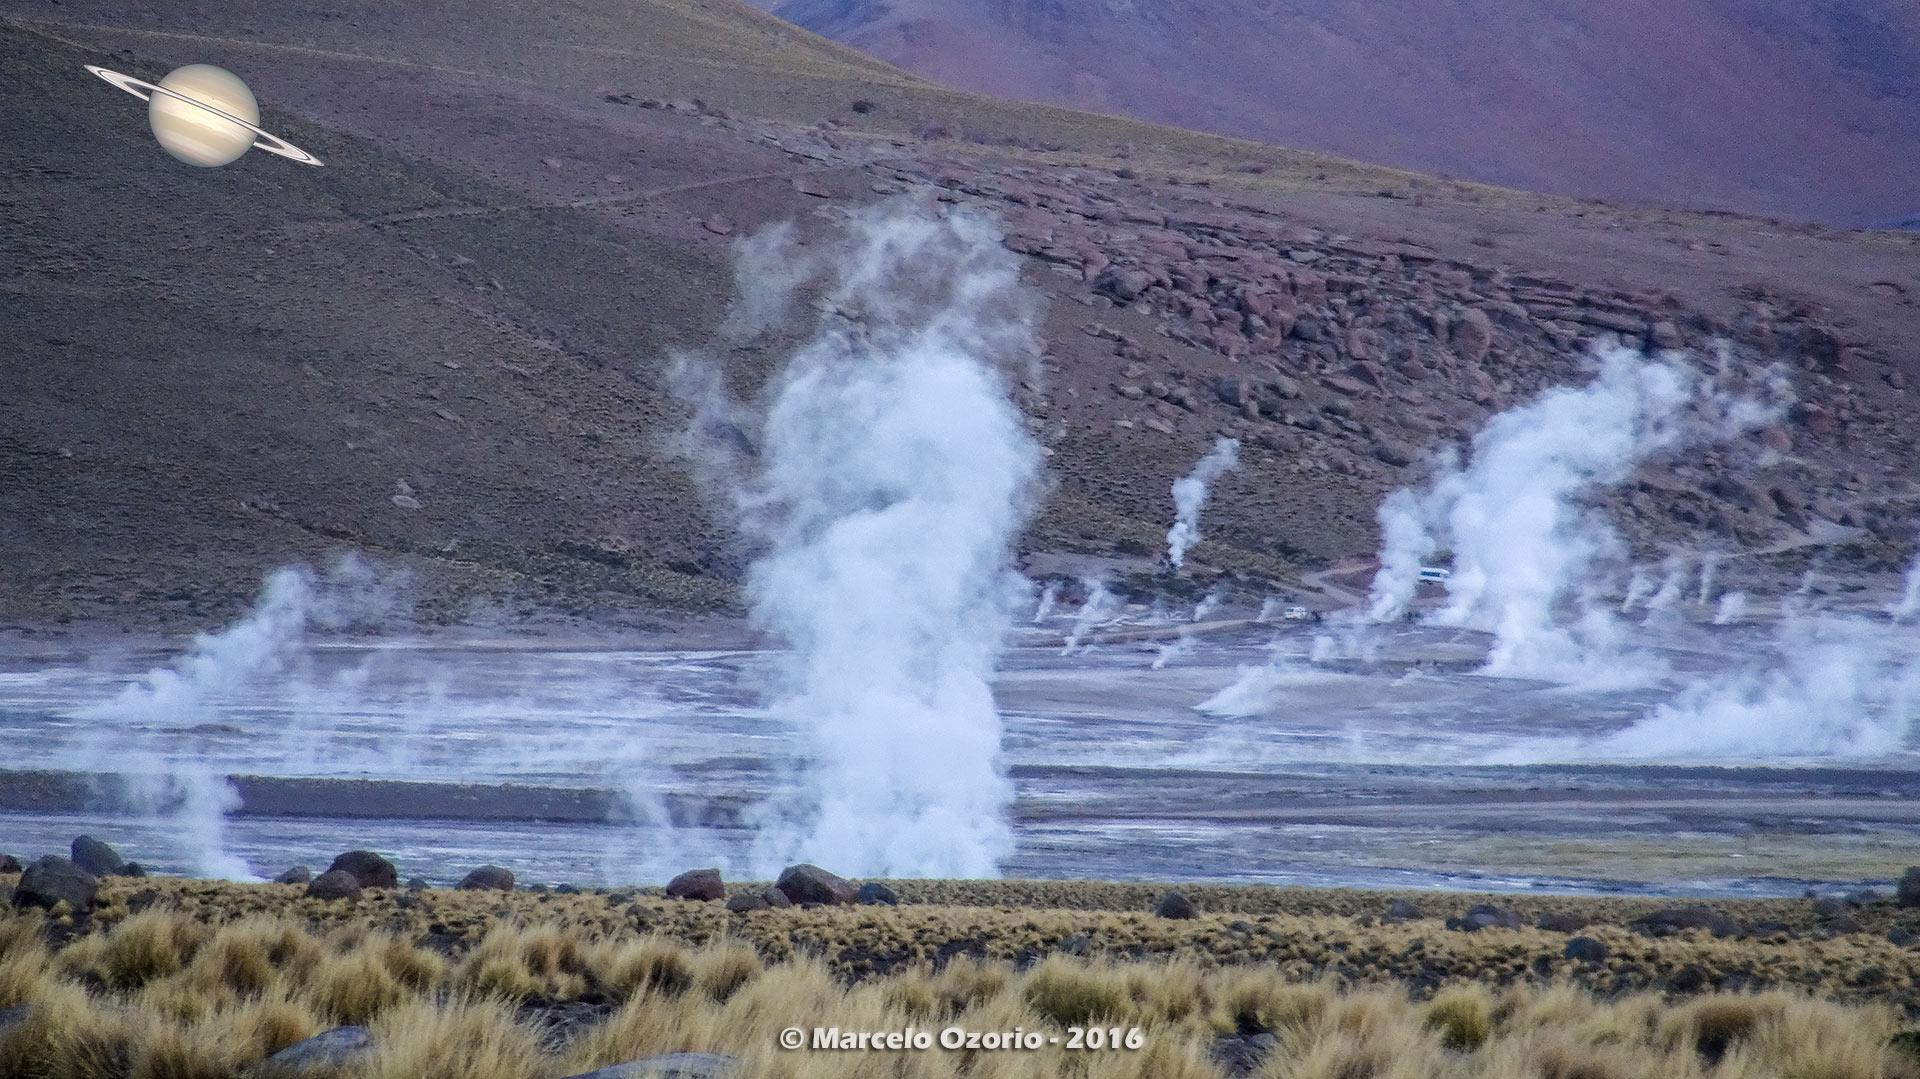 el tatio geysers atacama desert 2 - The Surreal El Tatio Geysers - Atacama Desert - Chile